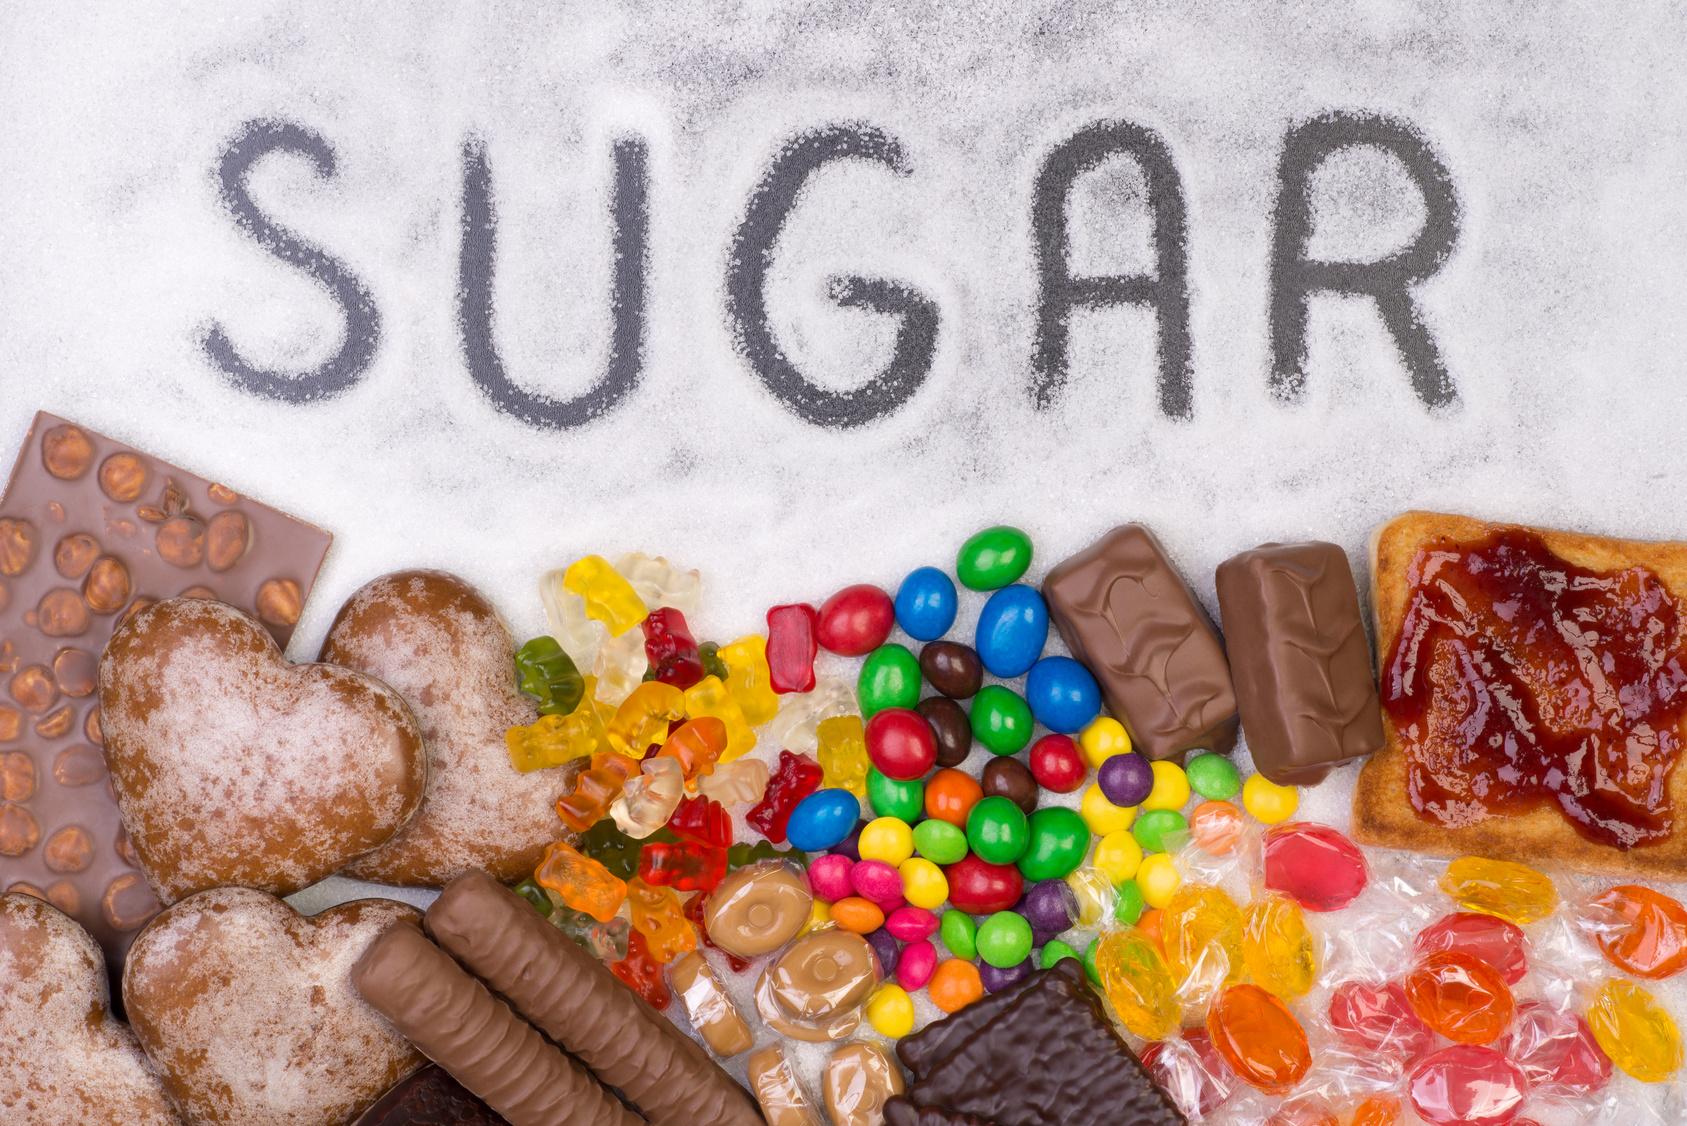 Cukier to cichy zabójca.  Oto 14 powodów, dla których warto się z nim pożegnać